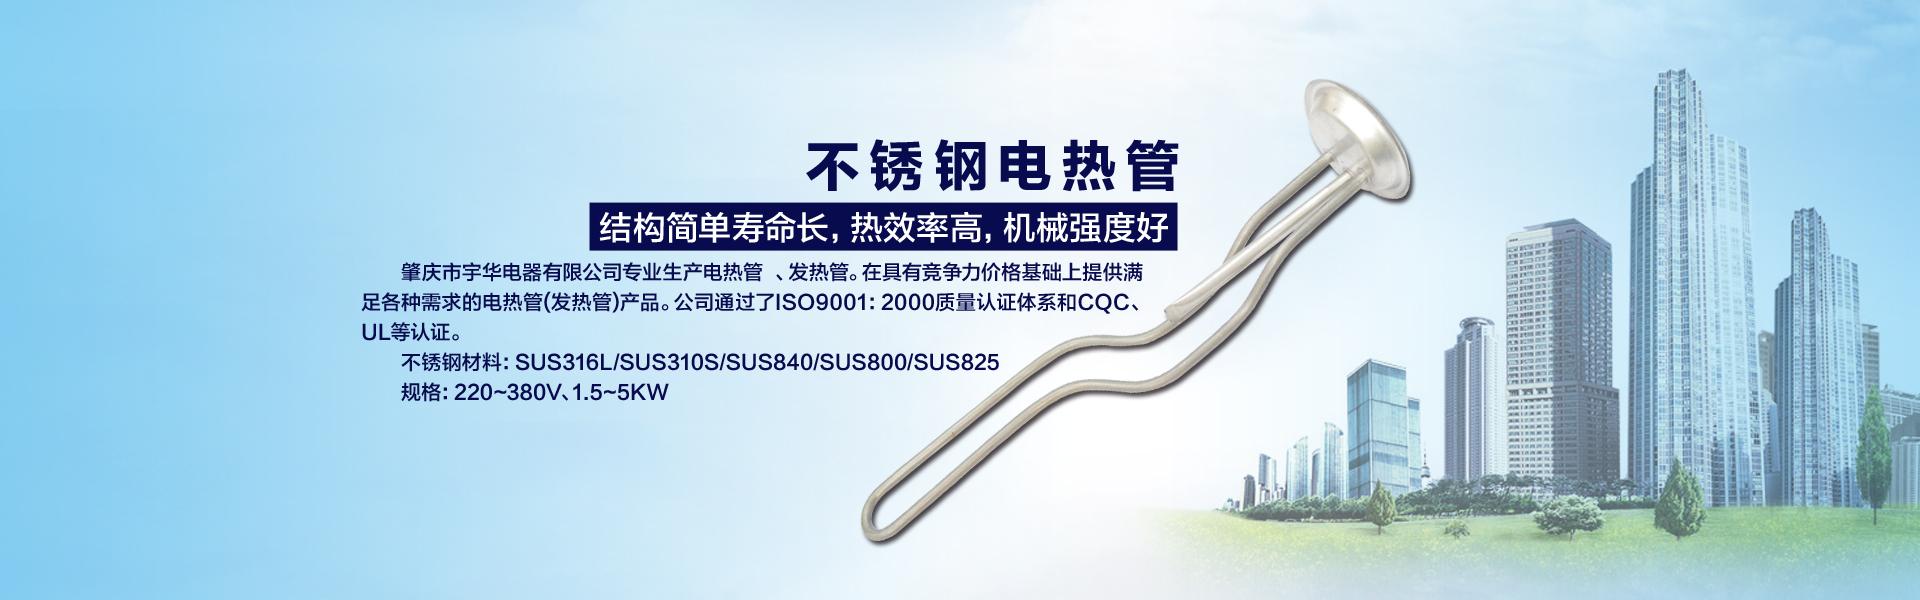 肇庆市宇华电器有限公司专业生产家用电热水器,单头电热管和不锈钢电热管。